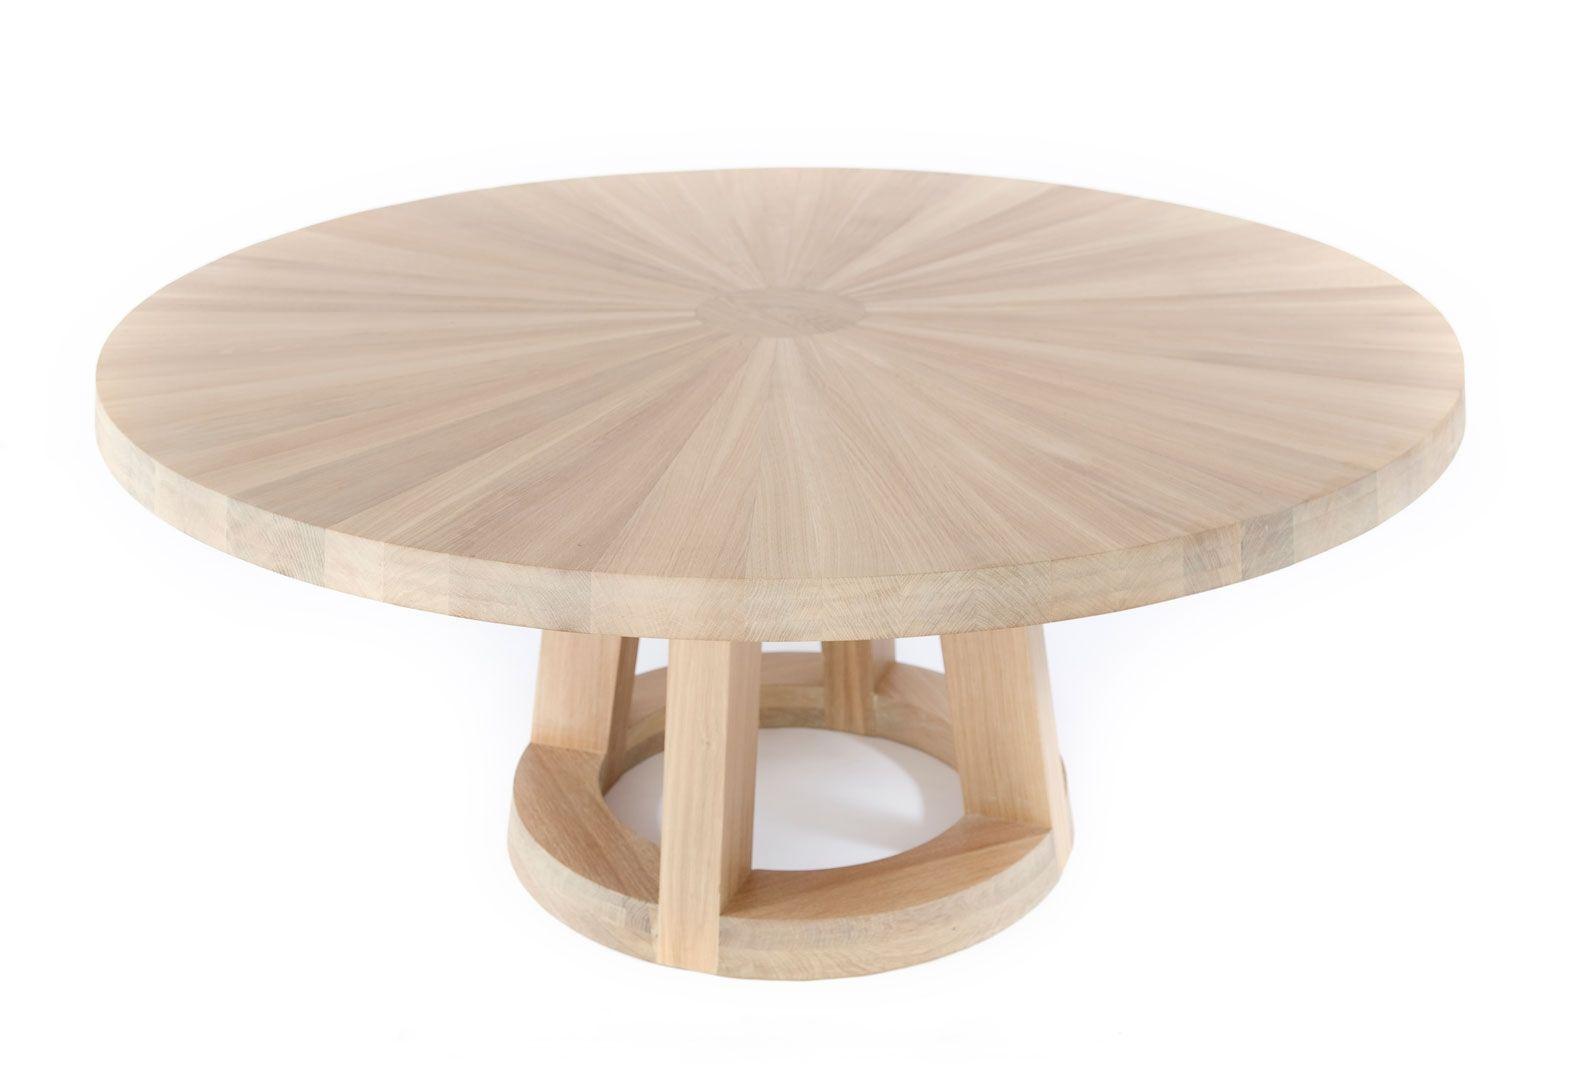 5x Designer Eetkamerstoelen : 2dehands huis meubelen eetkamer keuken meubilair garagekoopjes